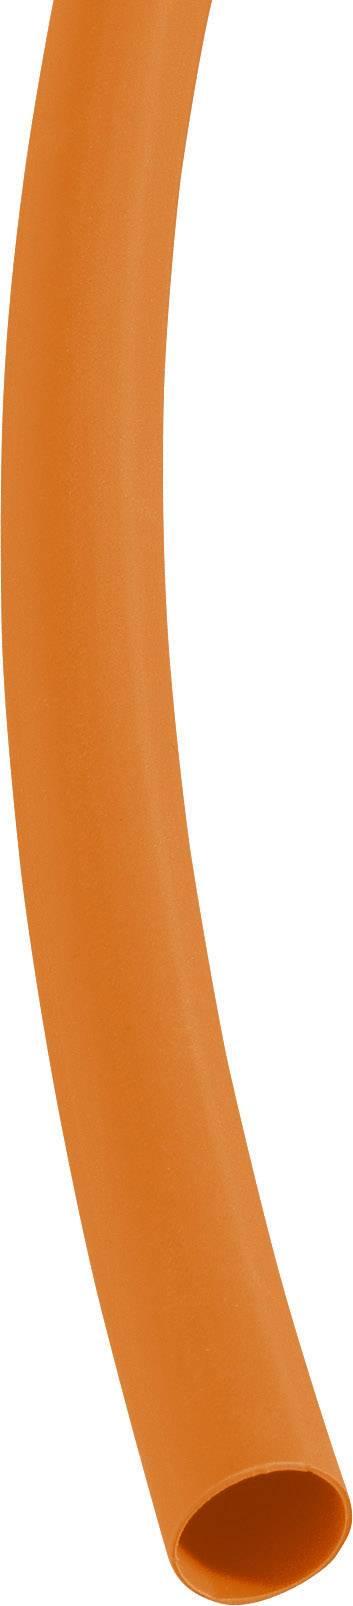 Zmršťovacie bužírky nelepiace DSG Canusa 3290030203, 3:1, 3.20 mm, oranžová, metrový tovar